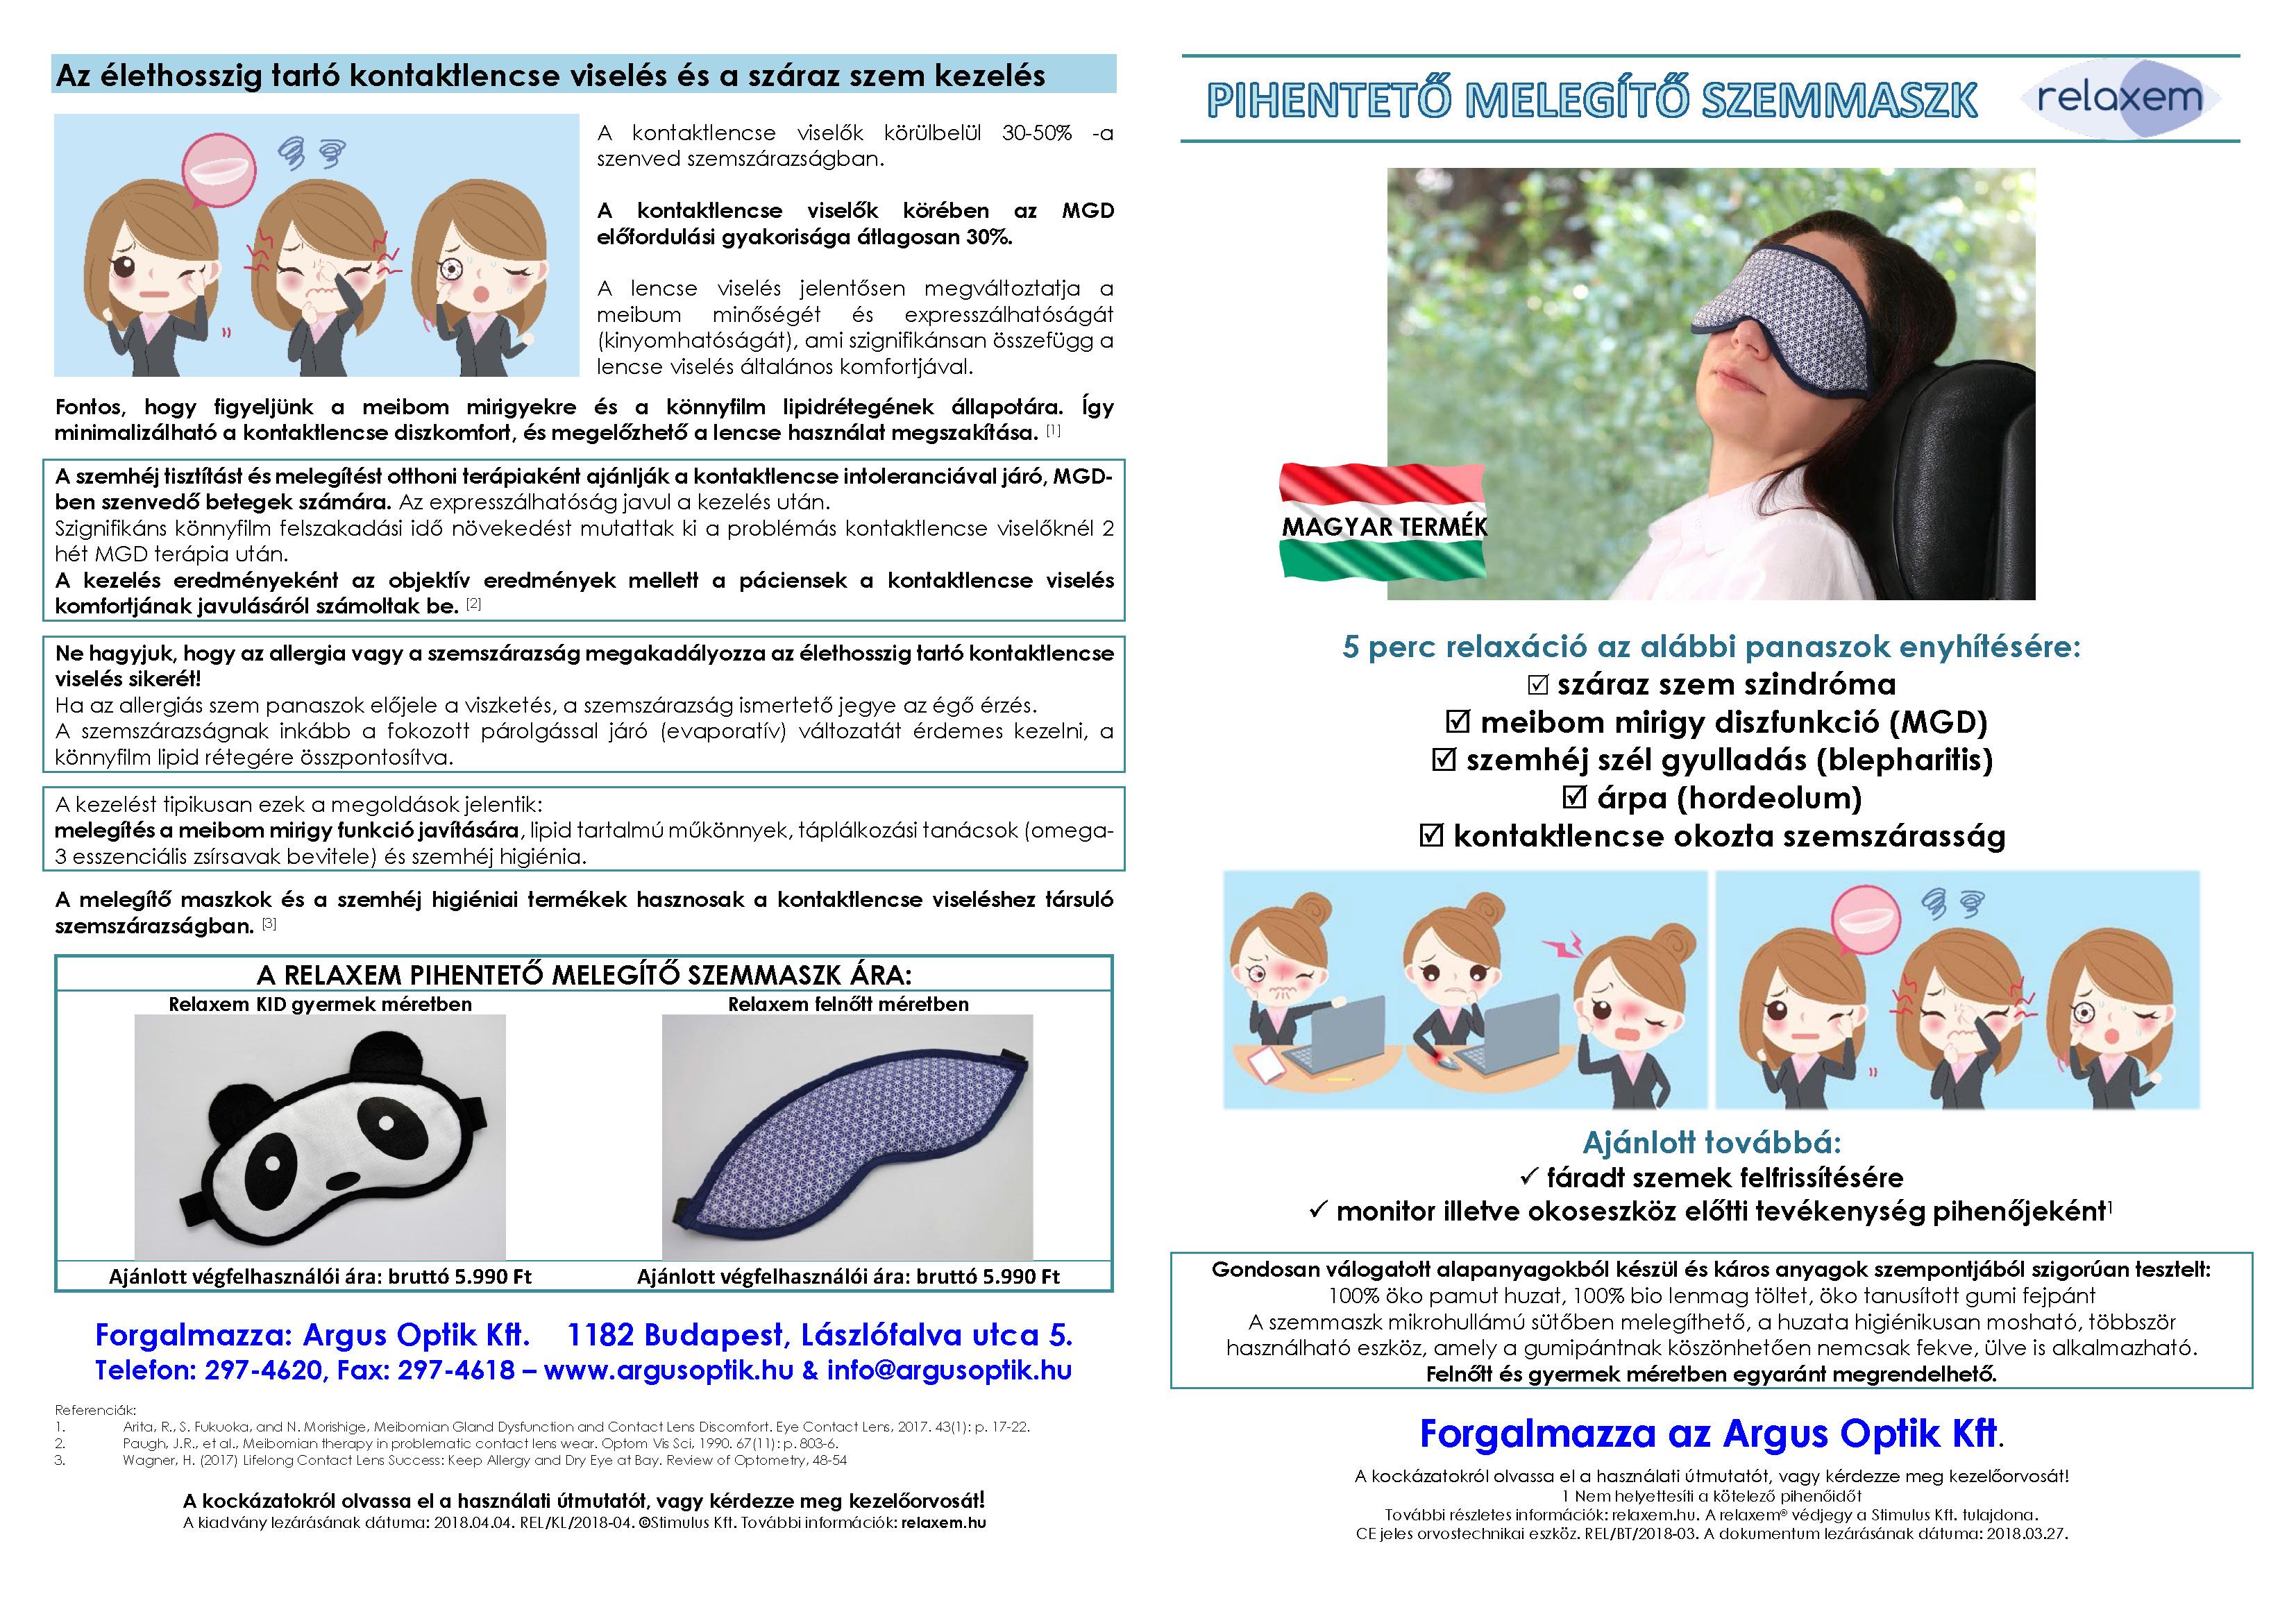 ha a látás mínusz öt myopia domináns vagy recesszív